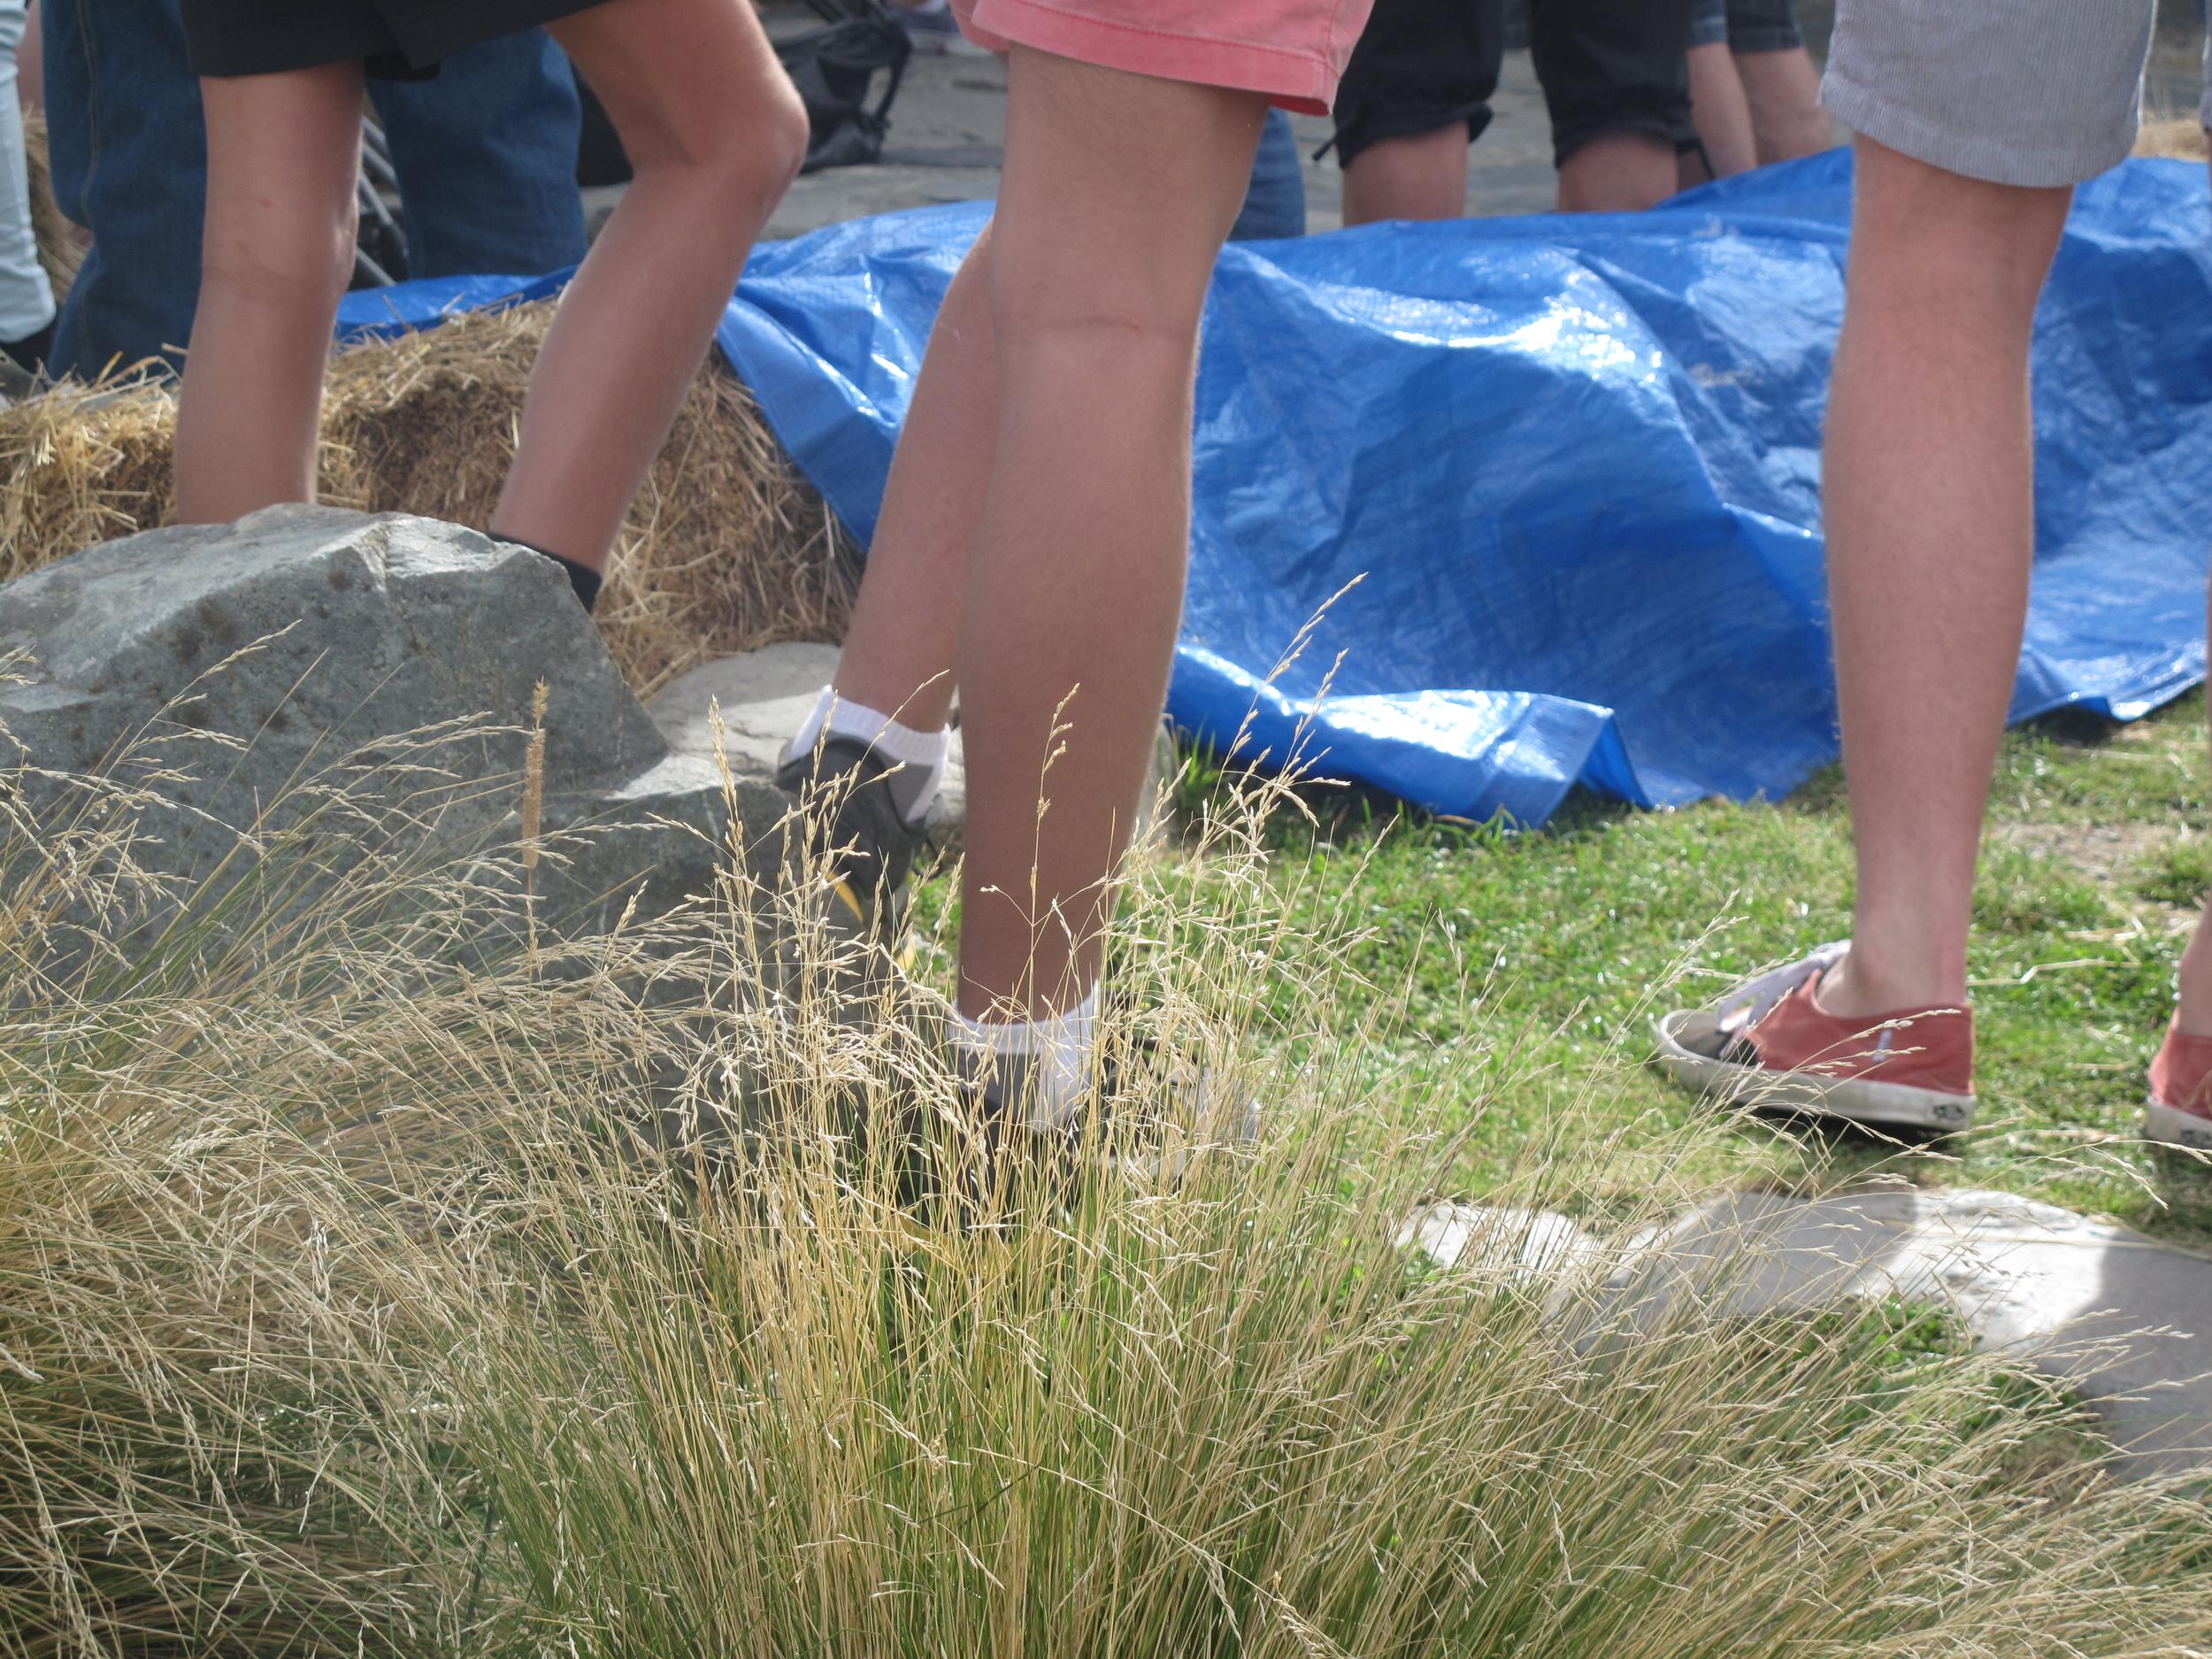 stubbies shorts New Zealand